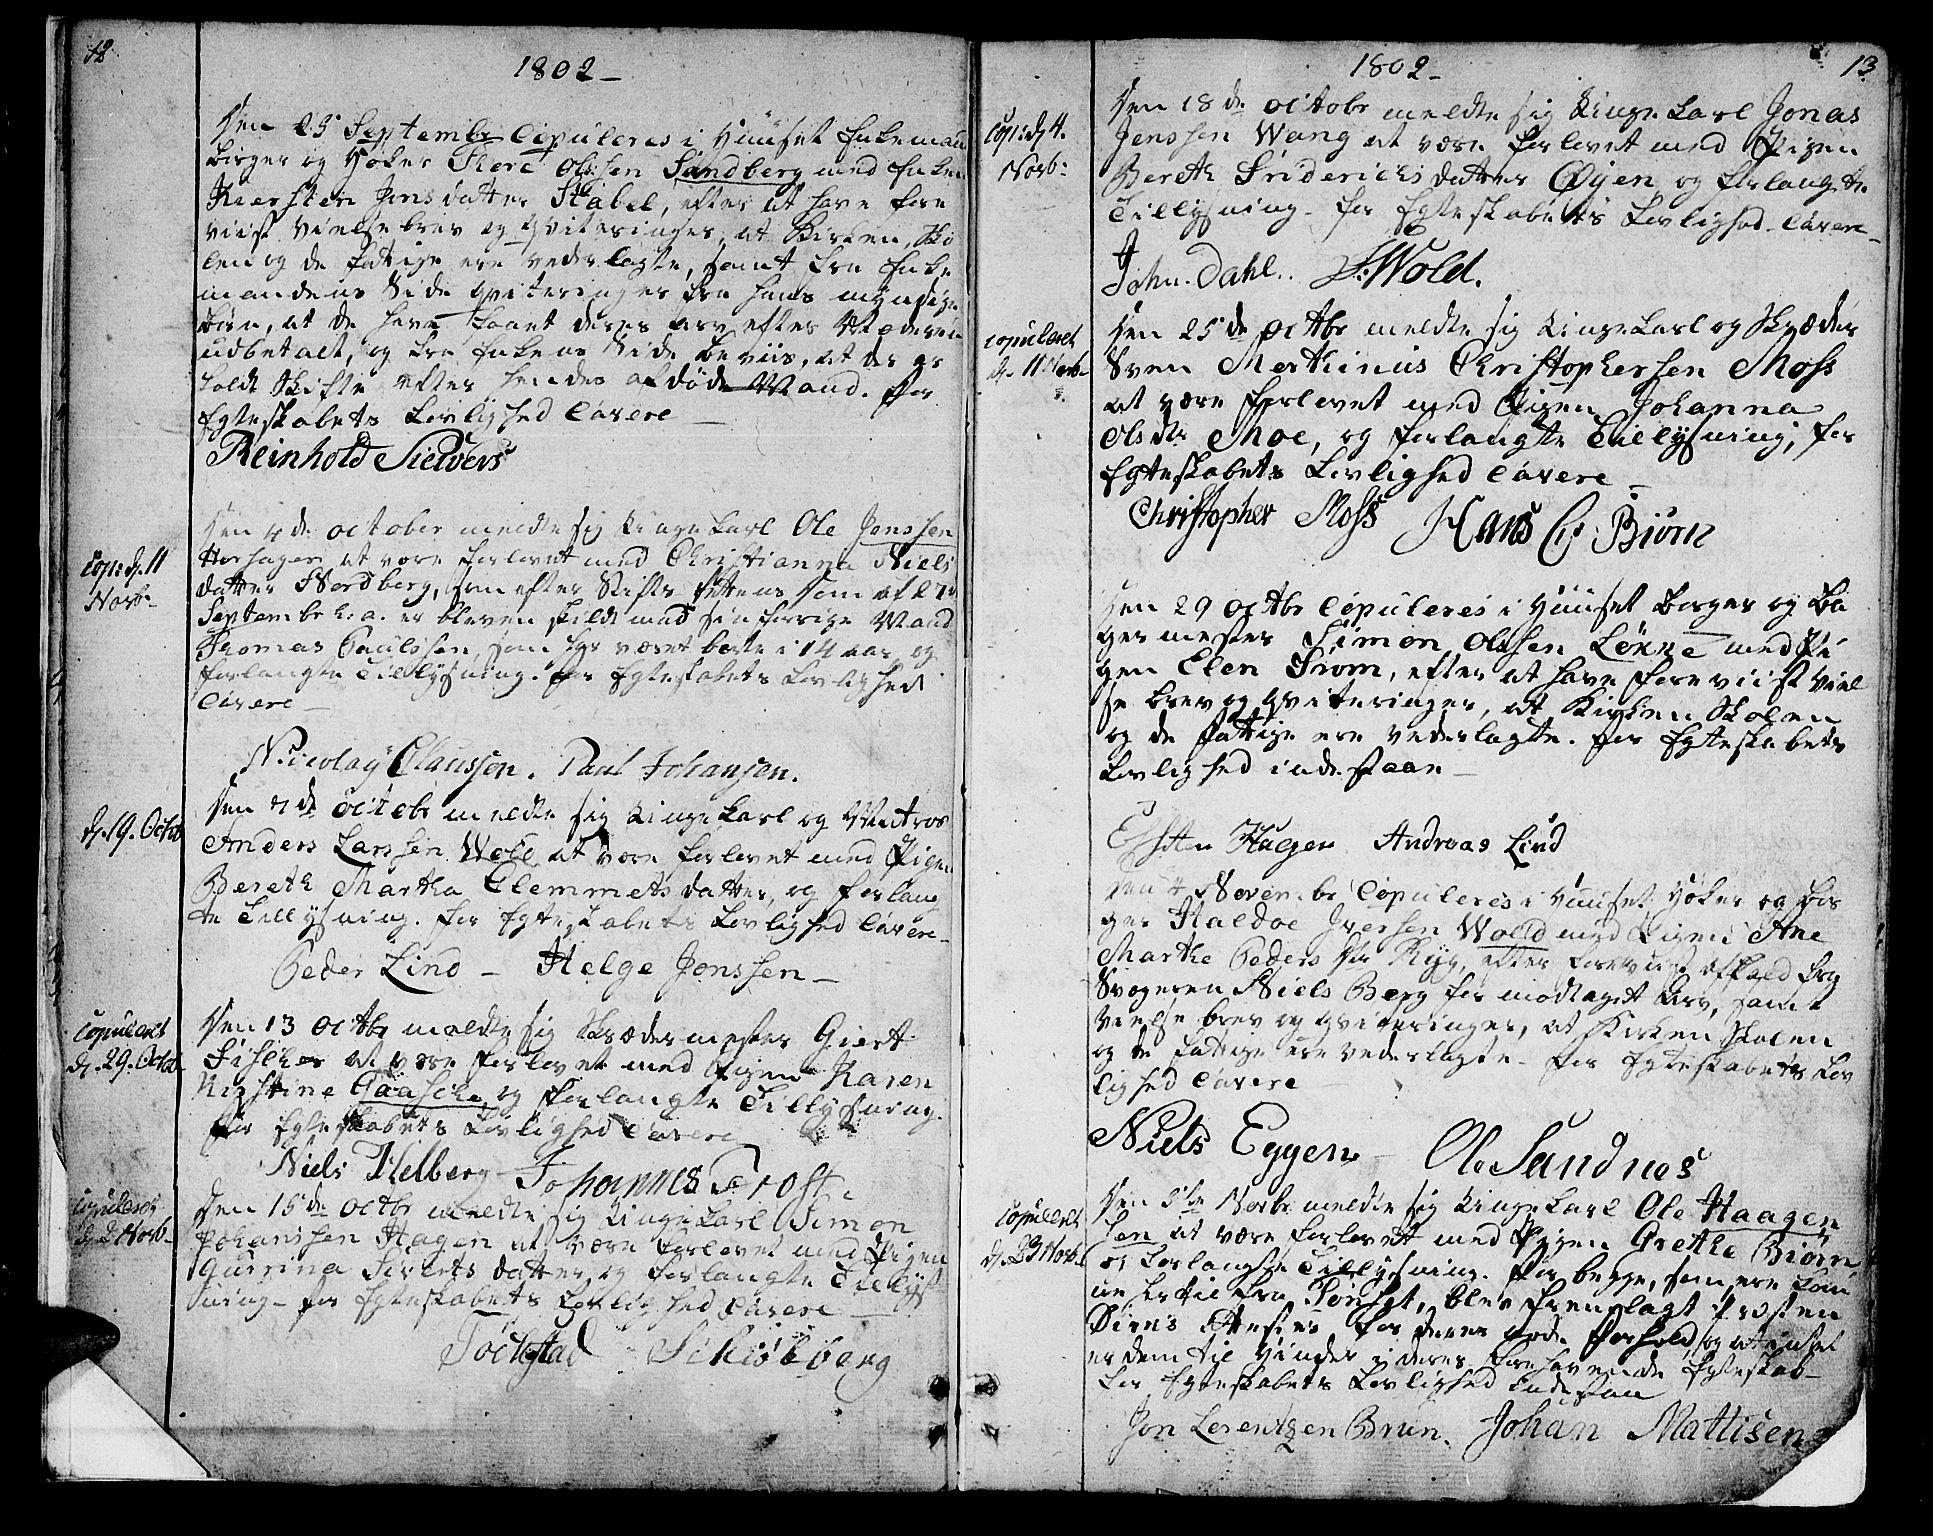 SAT, Ministerialprotokoller, klokkerbøker og fødselsregistre - Sør-Trøndelag, 601/L0042: Ministerialbok nr. 601A10, 1802-1830, s. 12-13